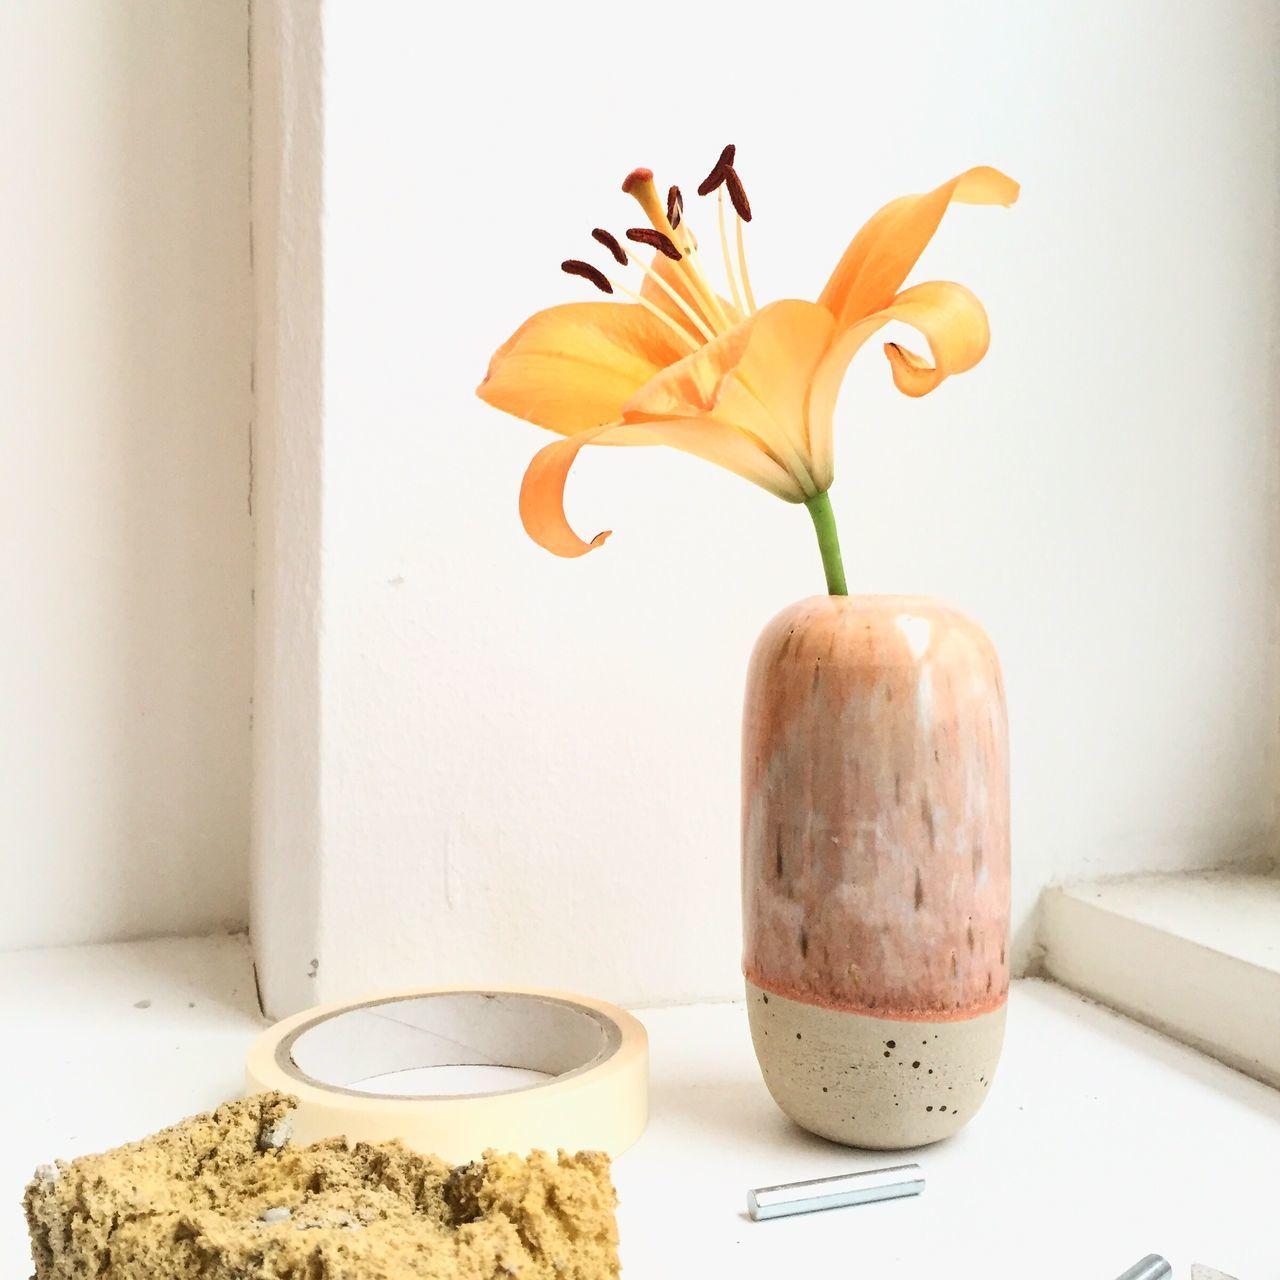 Vase Vase Of Flowers Flower Blossom Lily Tiger Lily Studio Workshop Ceramics Handmade Denmark Danish Danish Design Copenhagen